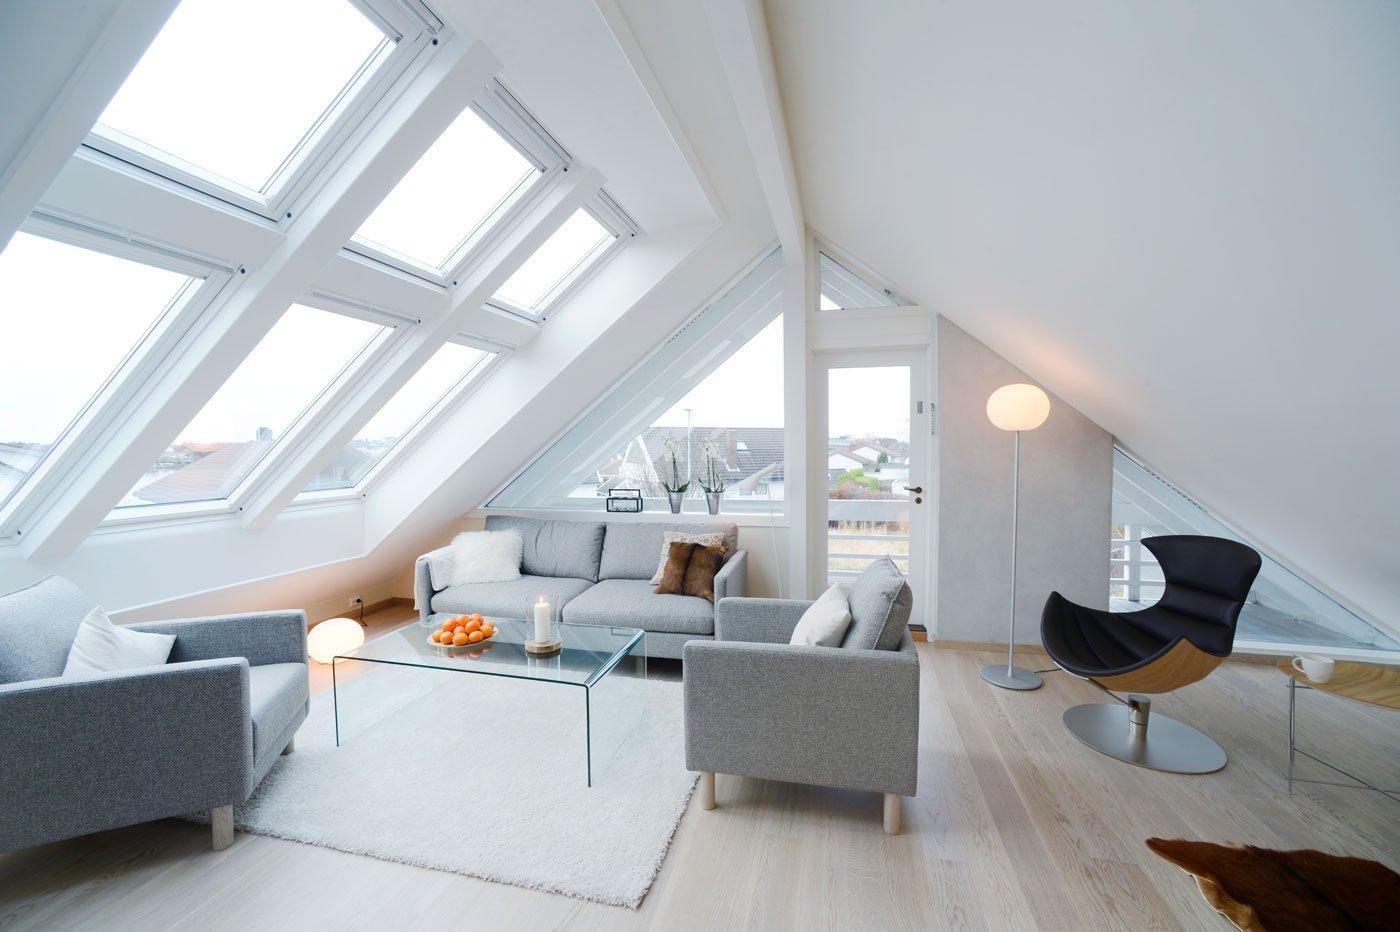 Trasformazione Sottotetto In Abitazione sottotetto abitabile alzando il tetto e inserendovi le